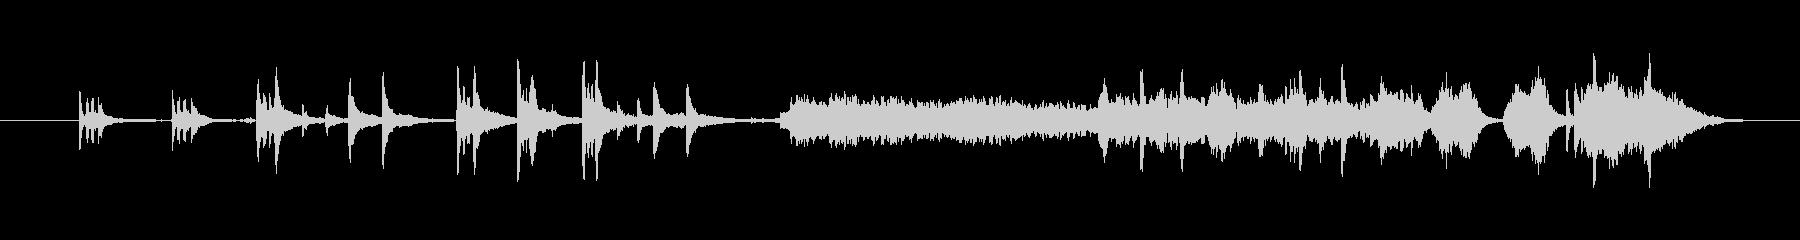 自然音が入ったヒーリング曲の未再生の波形